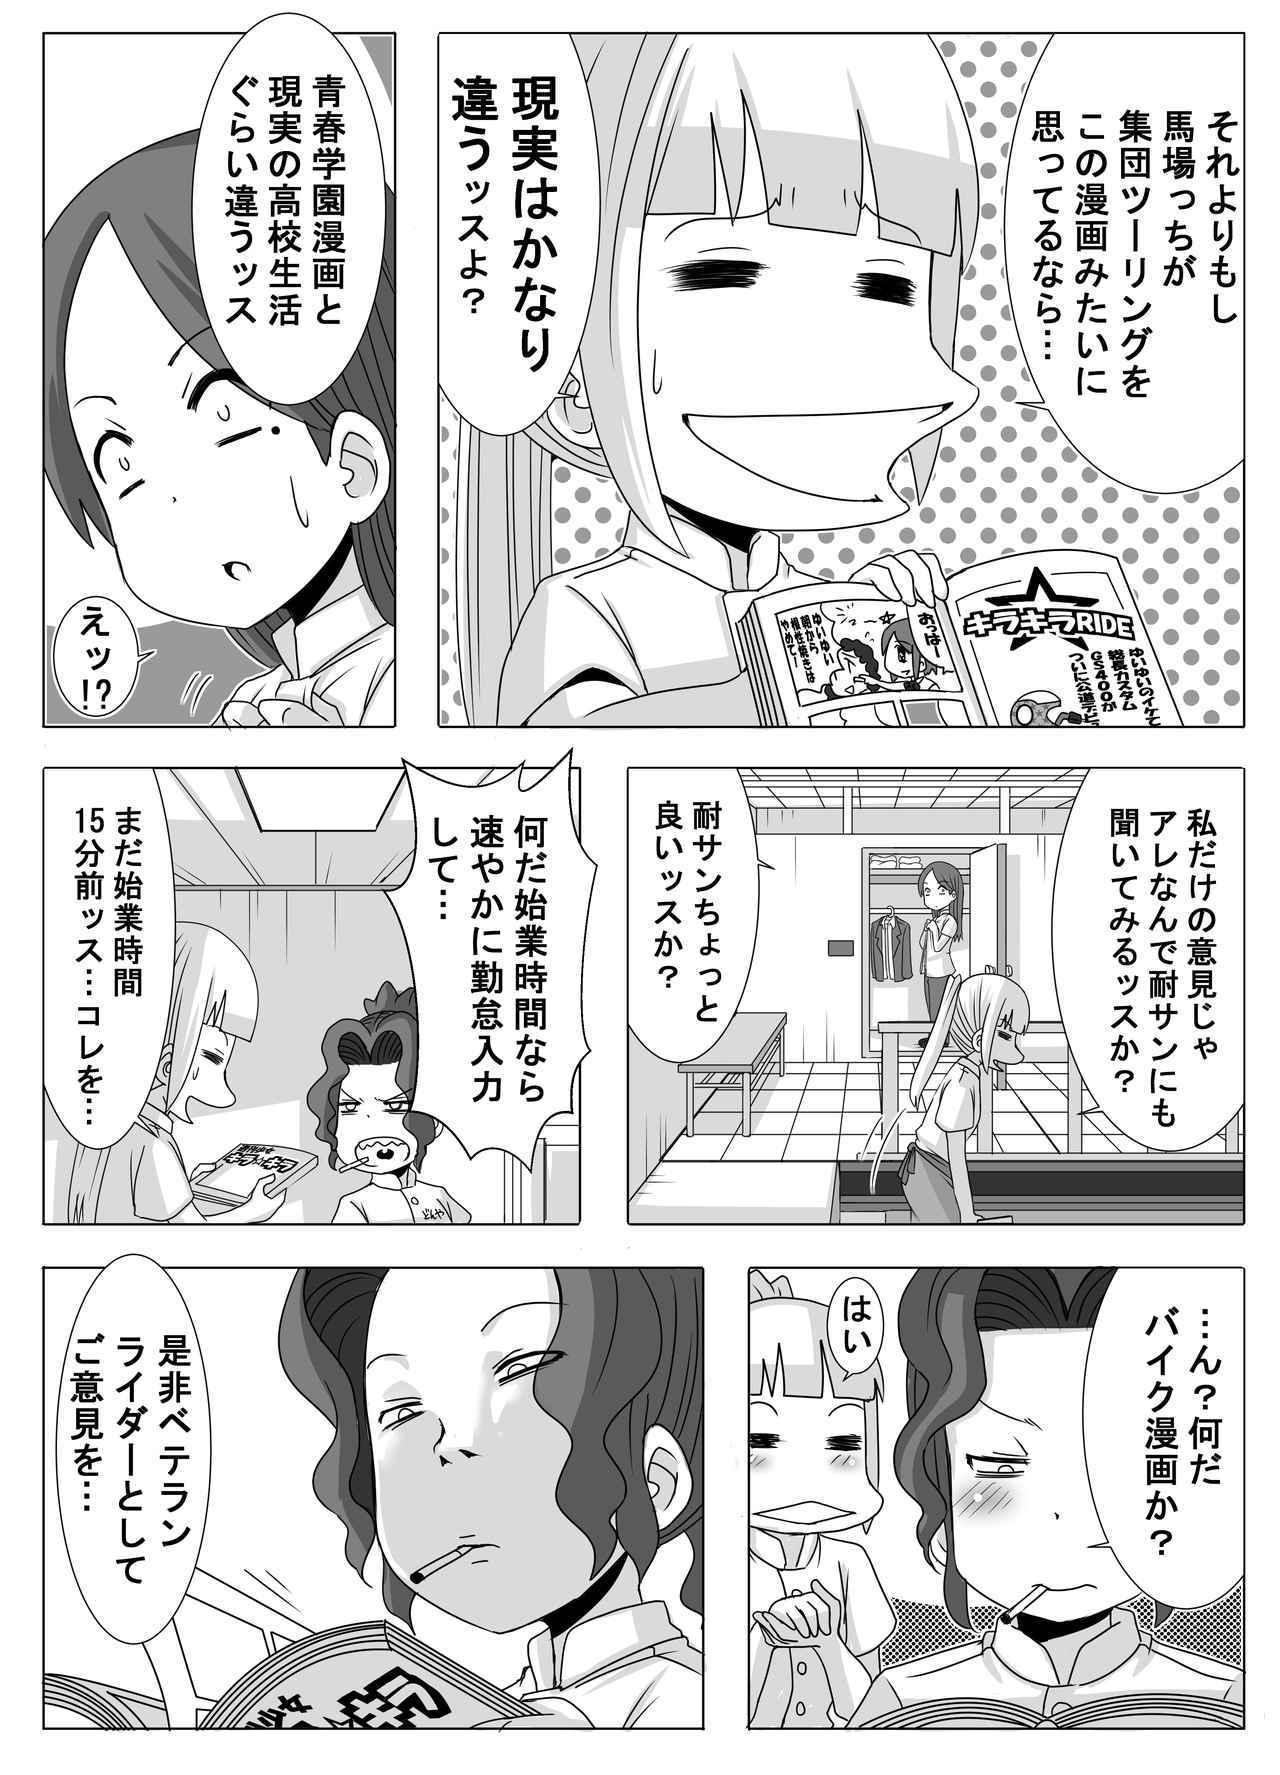 画像5: 【連載】馬場郁子がこよなくバイクを愛す理由(第十五話:憧れは儚いワケ)作:鈴木秀吉